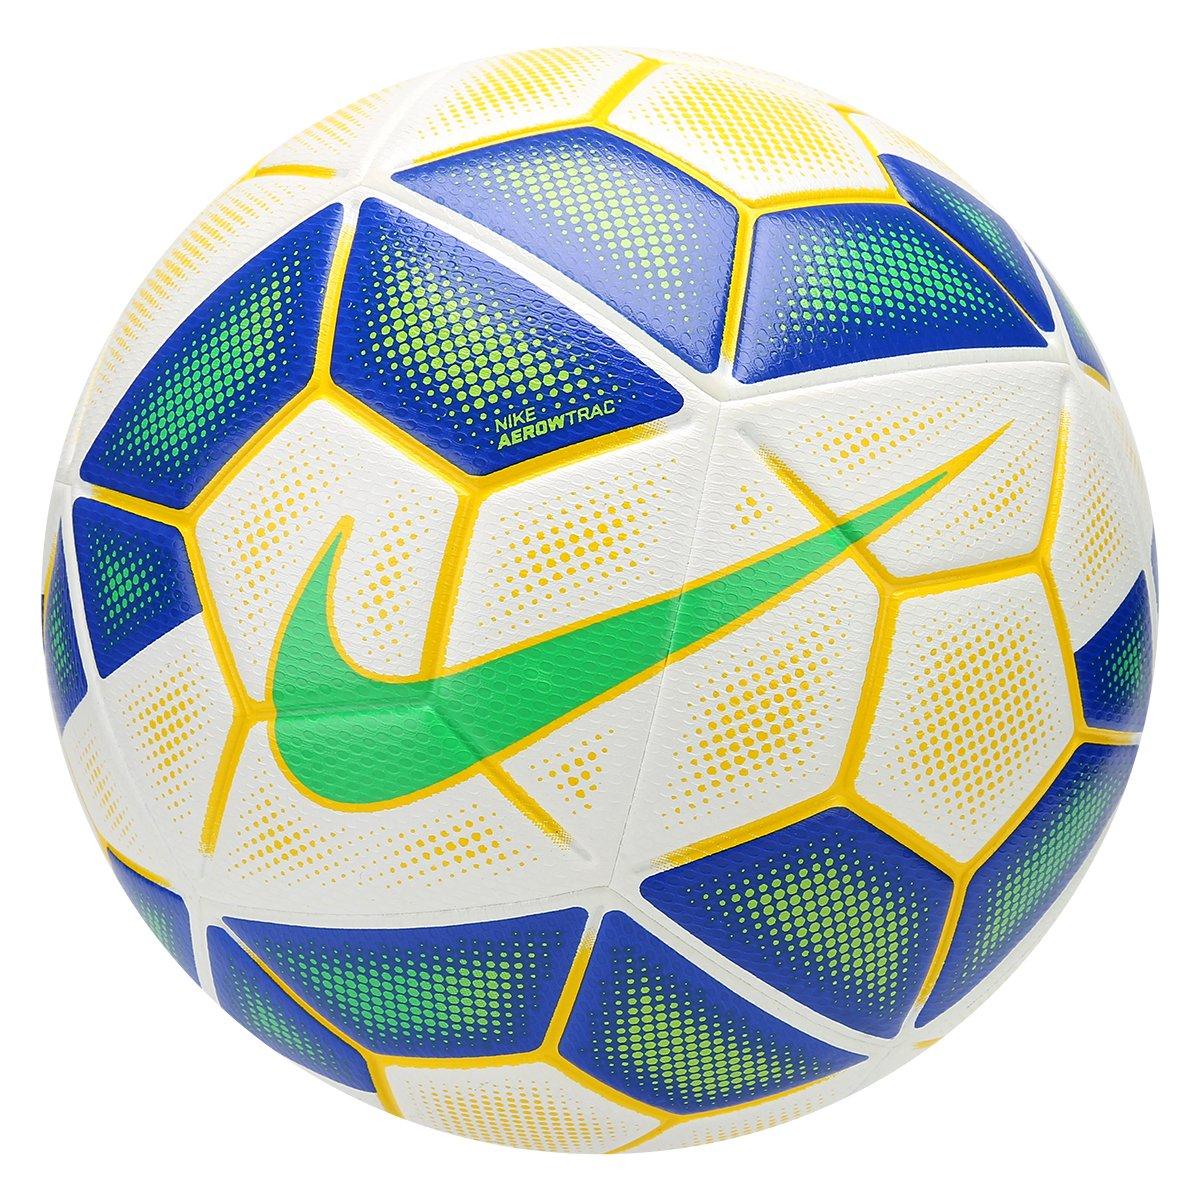 Bola Futebol Nike CBF Ordem 2 Campo 2015 - Compre Agora  43a012fbda648